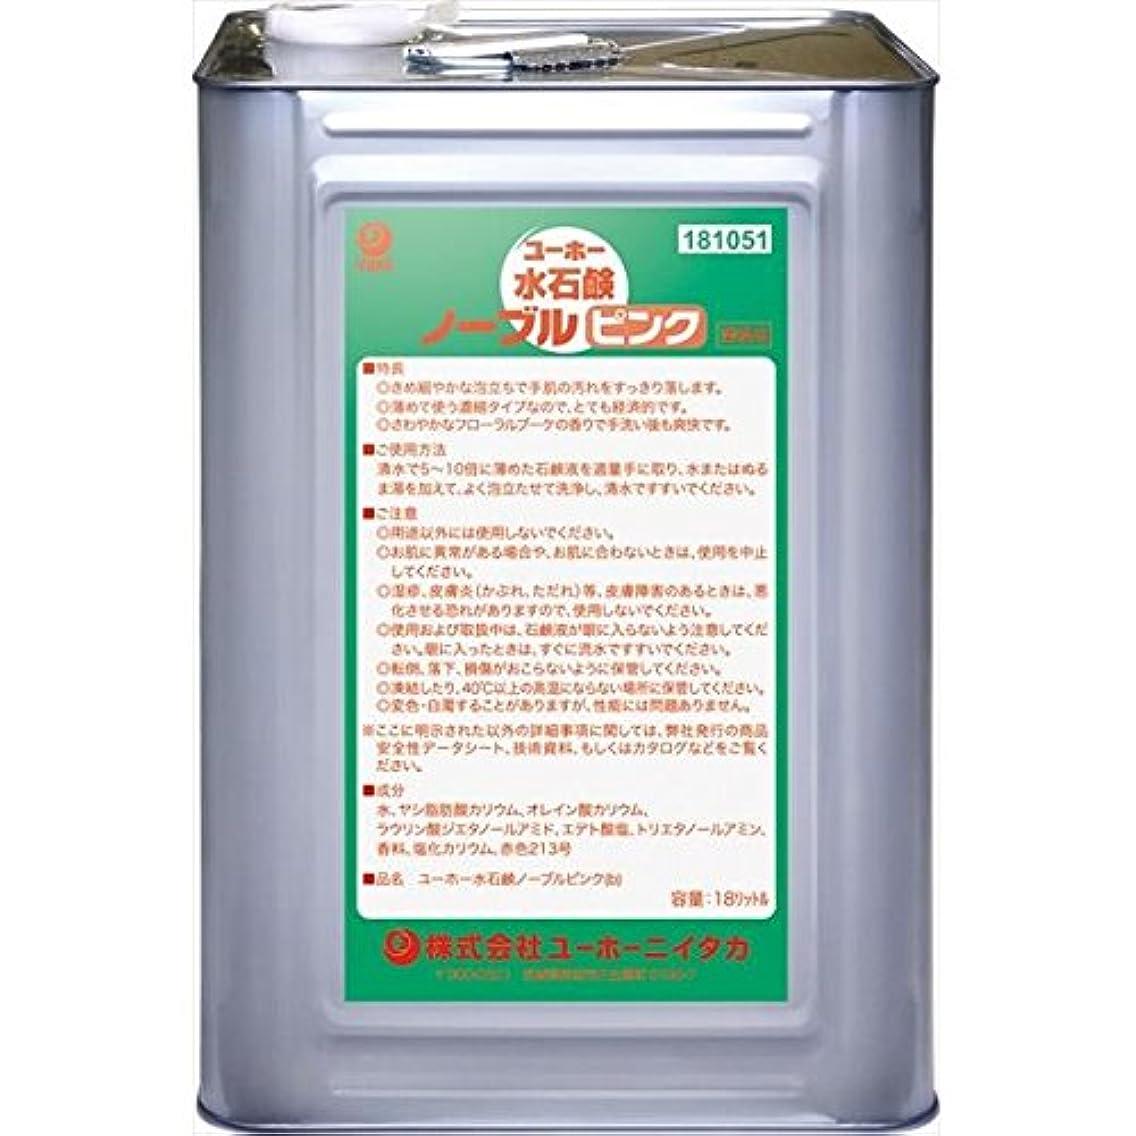 傾向がある食事を調理する着替えるユーホーニイタカ:水石鹸ノーブルピンク 18L 181051